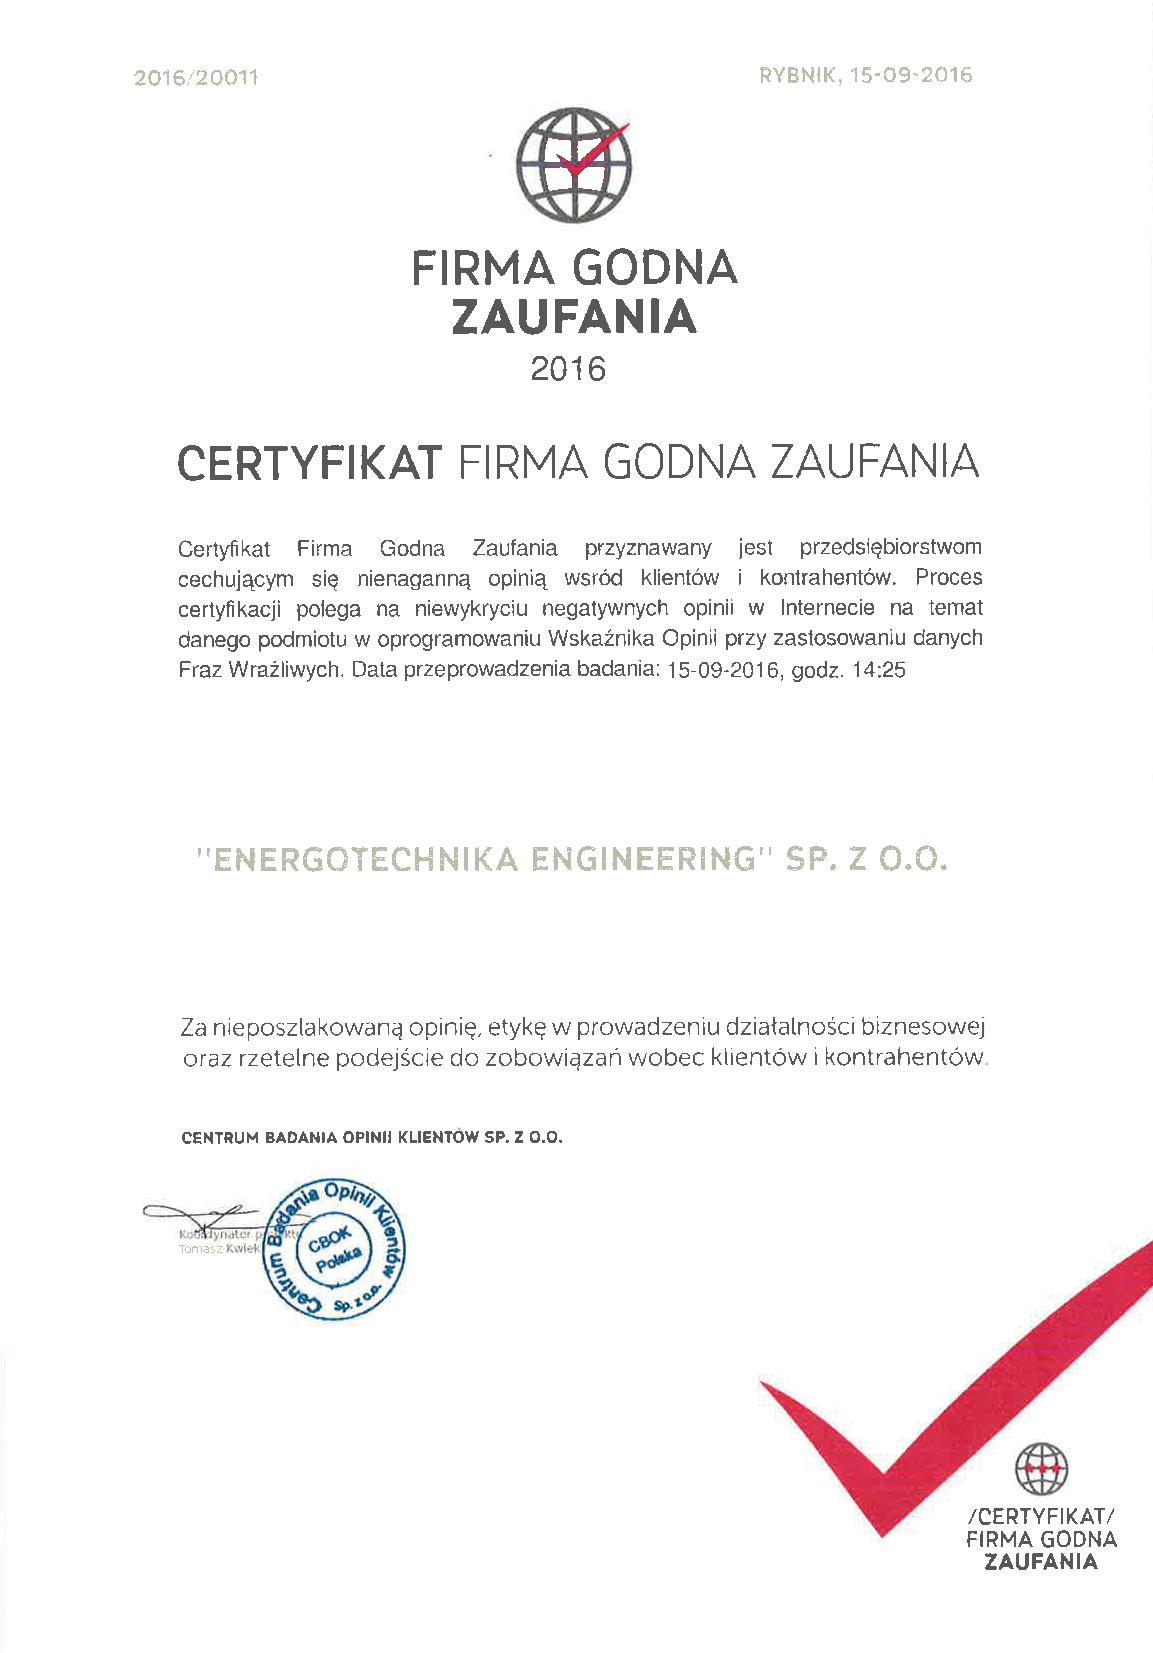 Certyfikat Firma godna zaufania 2016